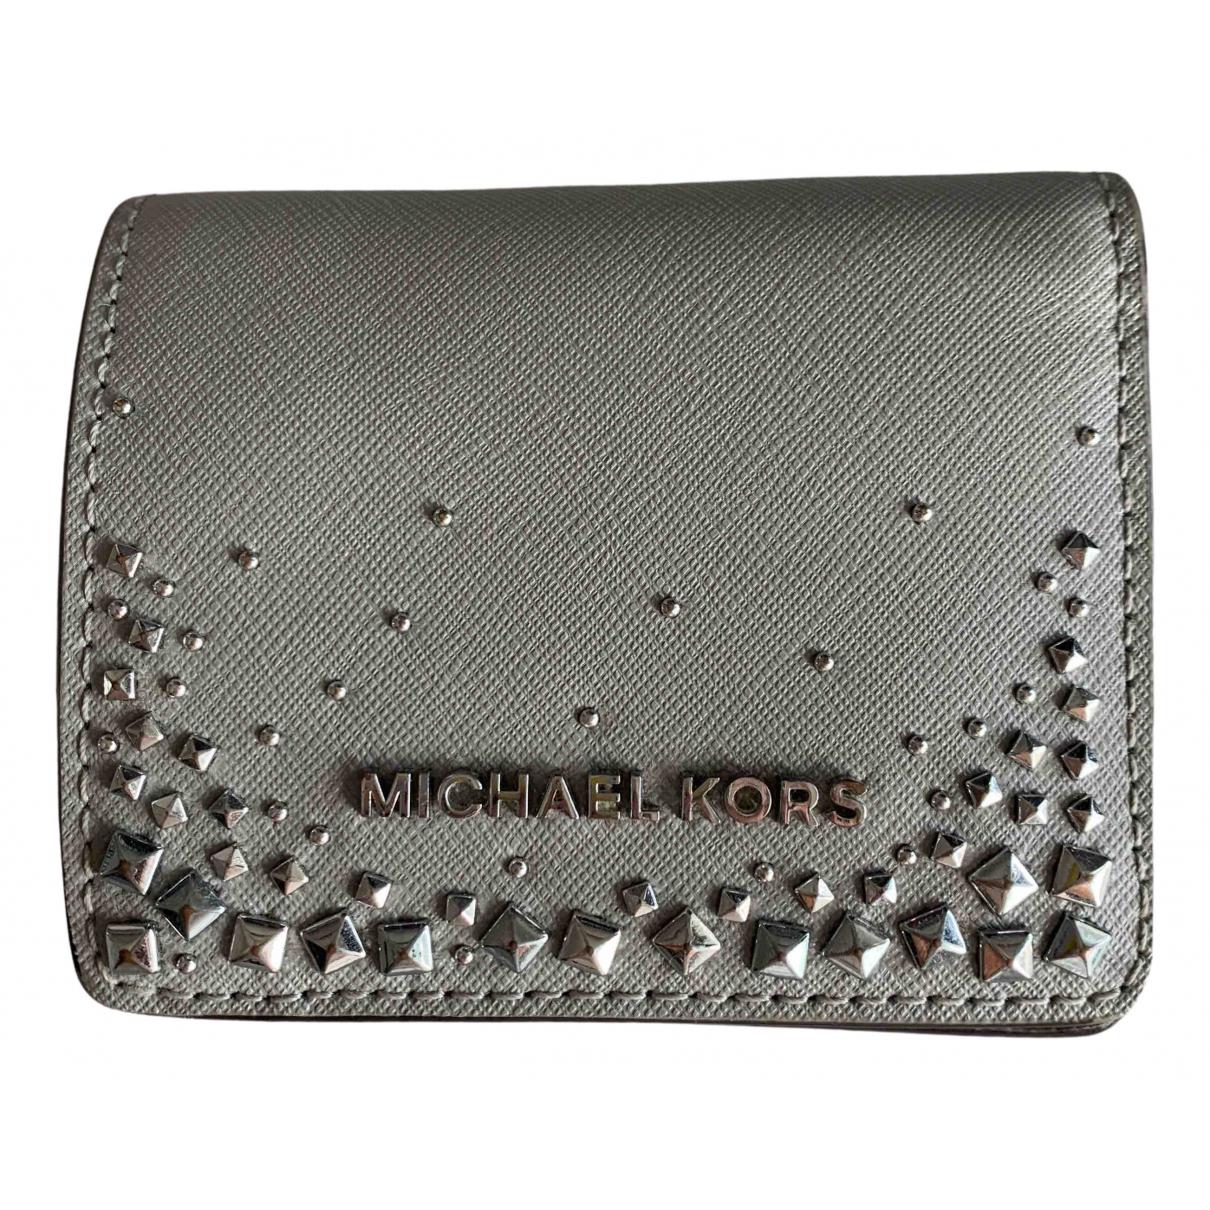 Michael Kors - Portefeuille   pour femme en cuir verni - gris